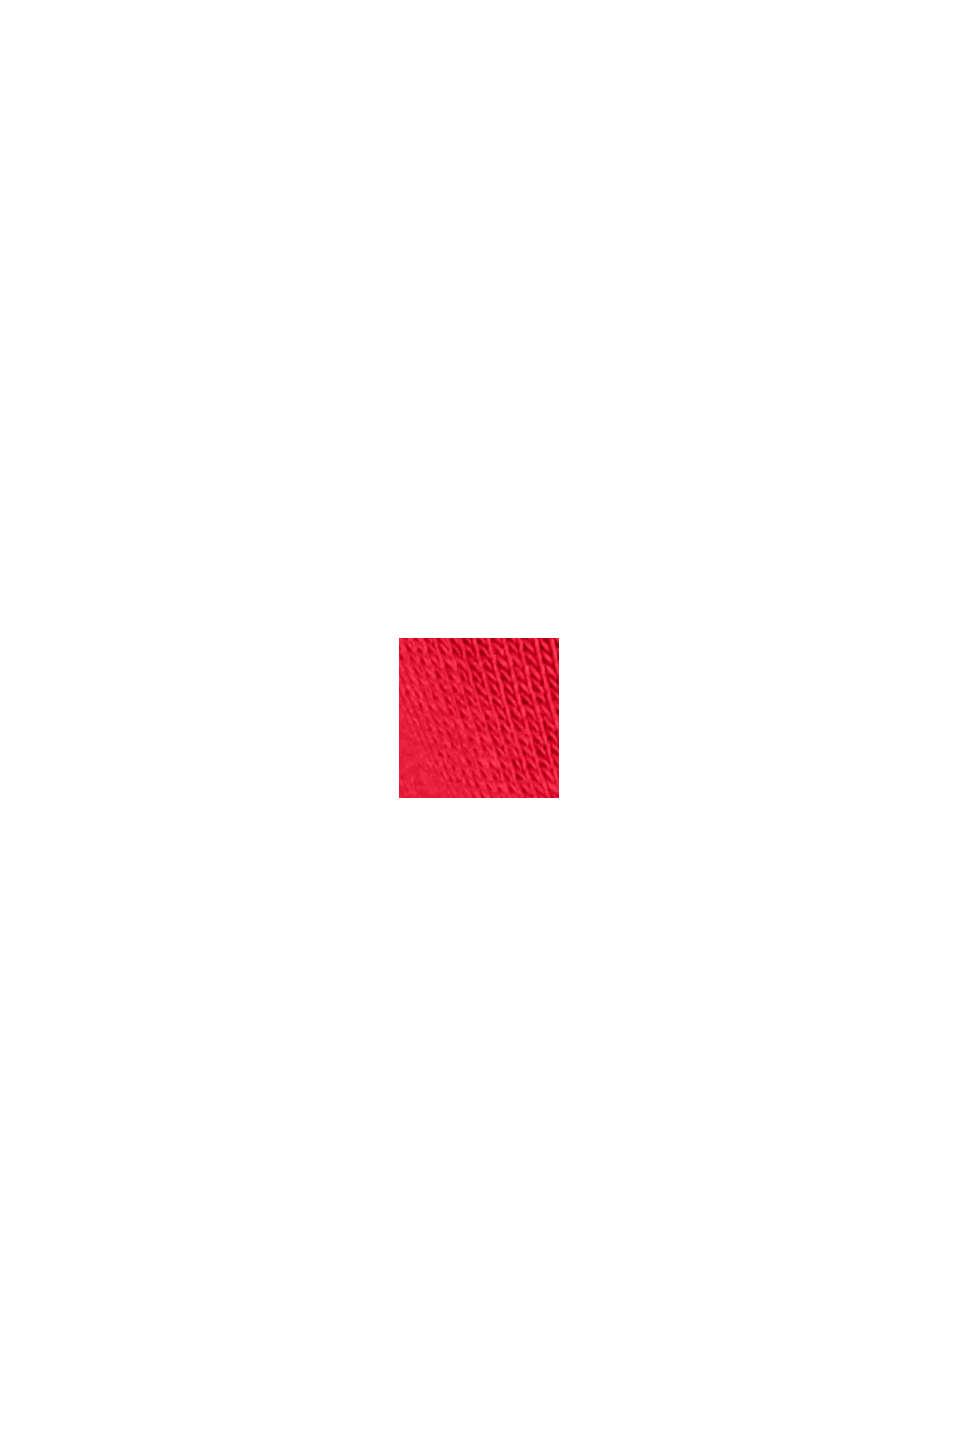 Sweat-shirt brodé en coton biologique mélangé, RED, swatch